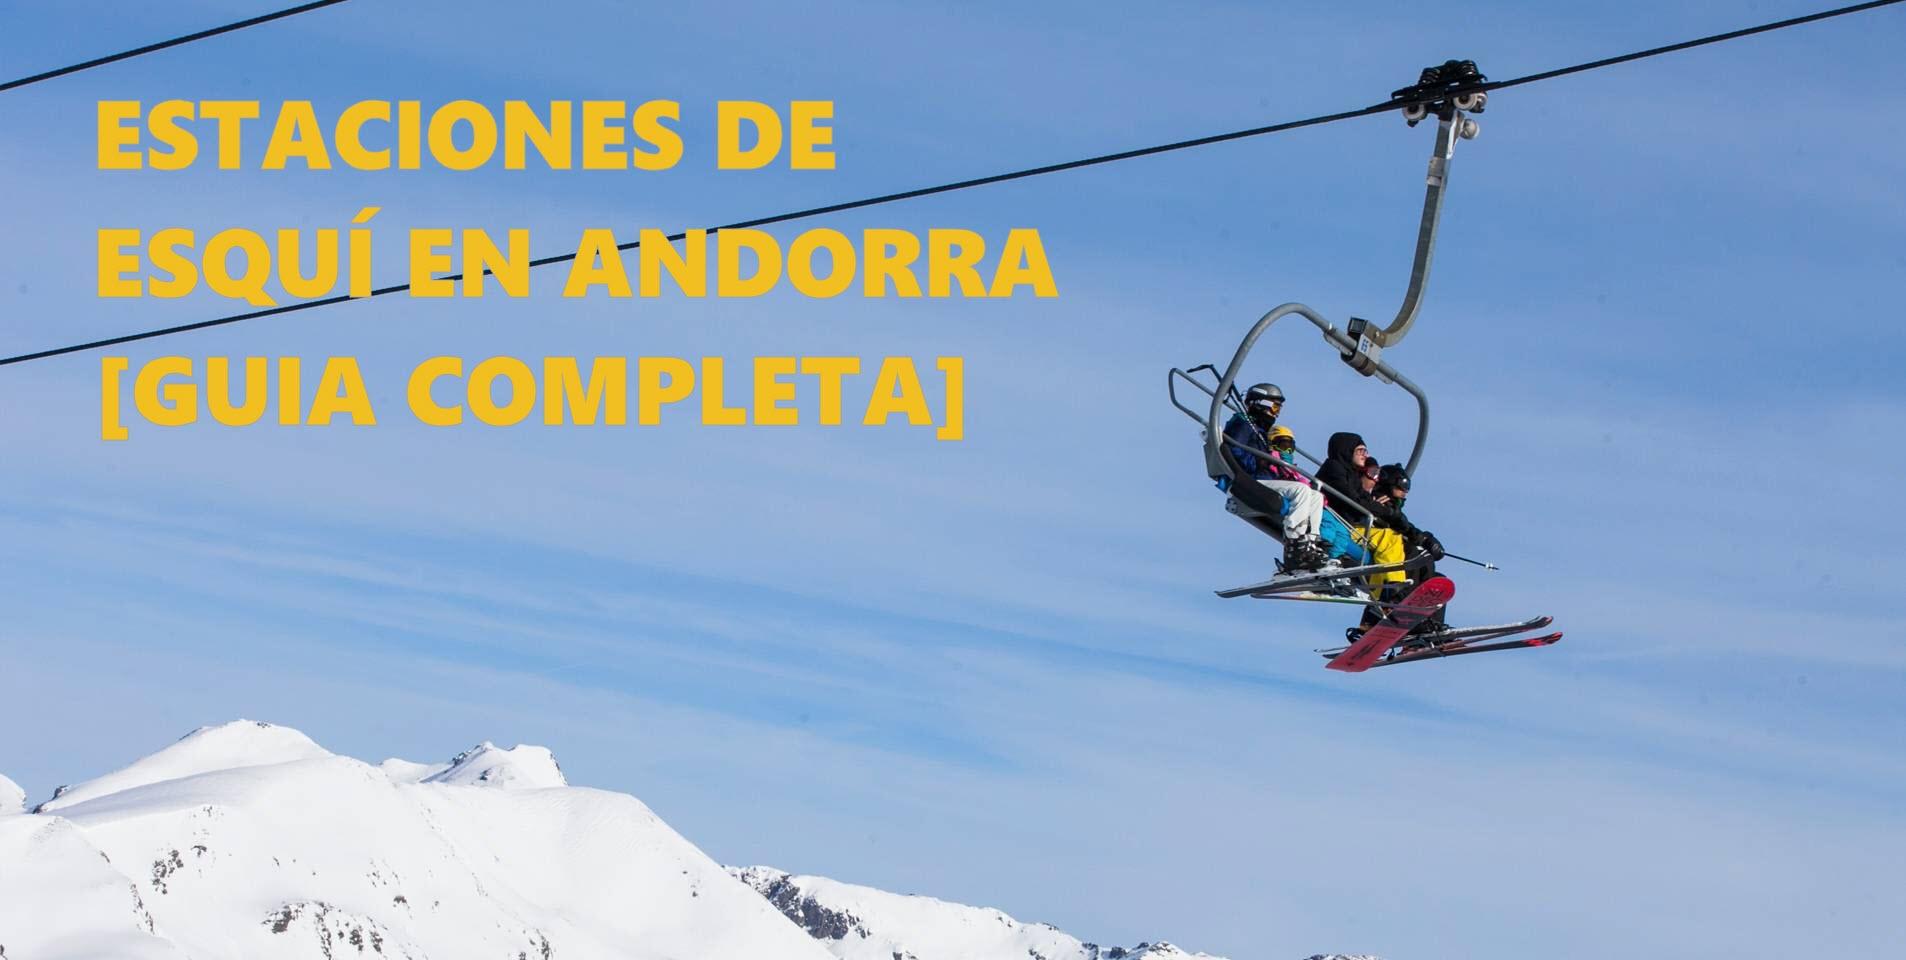 Pistas y Estaciones de esquí en Andorra: ¿Cuáles son mejores?